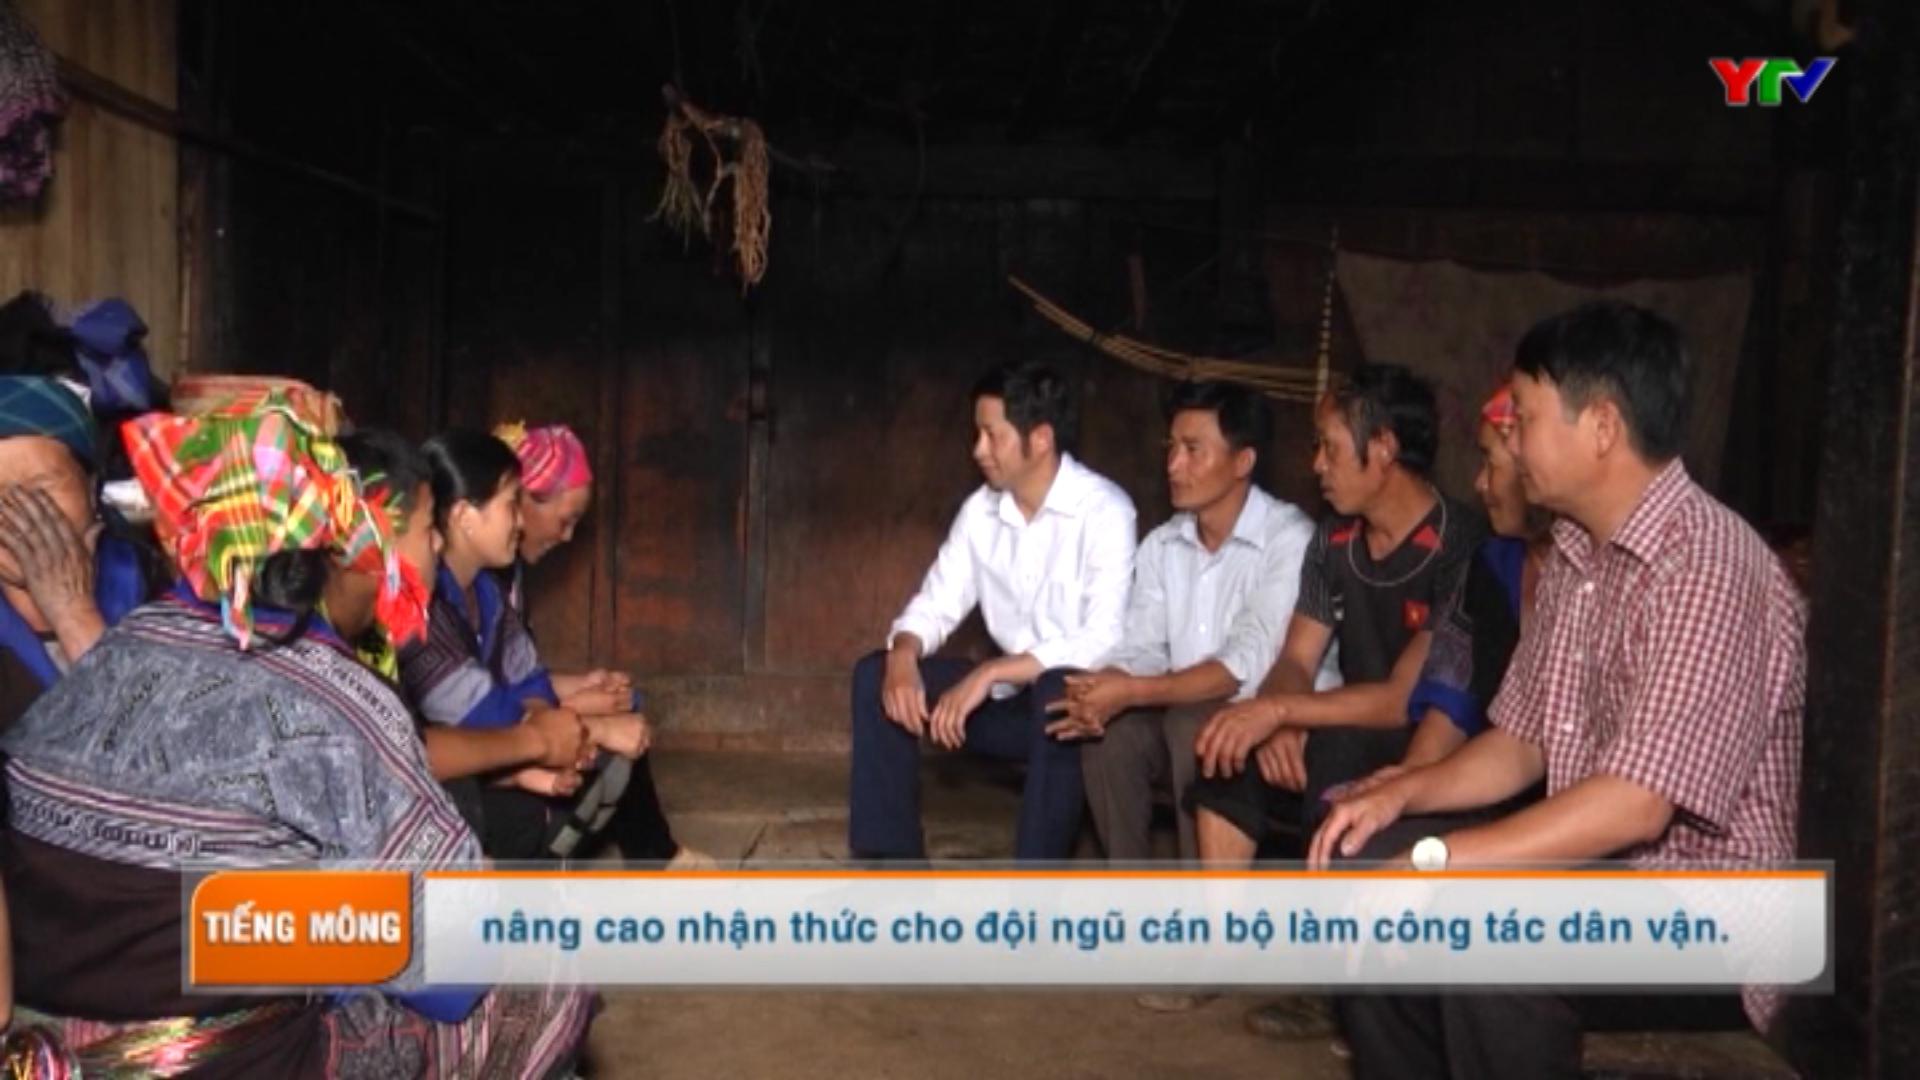 Tạp chí truyền hình tiếng Mông số 3 tháng 7 năm 2020